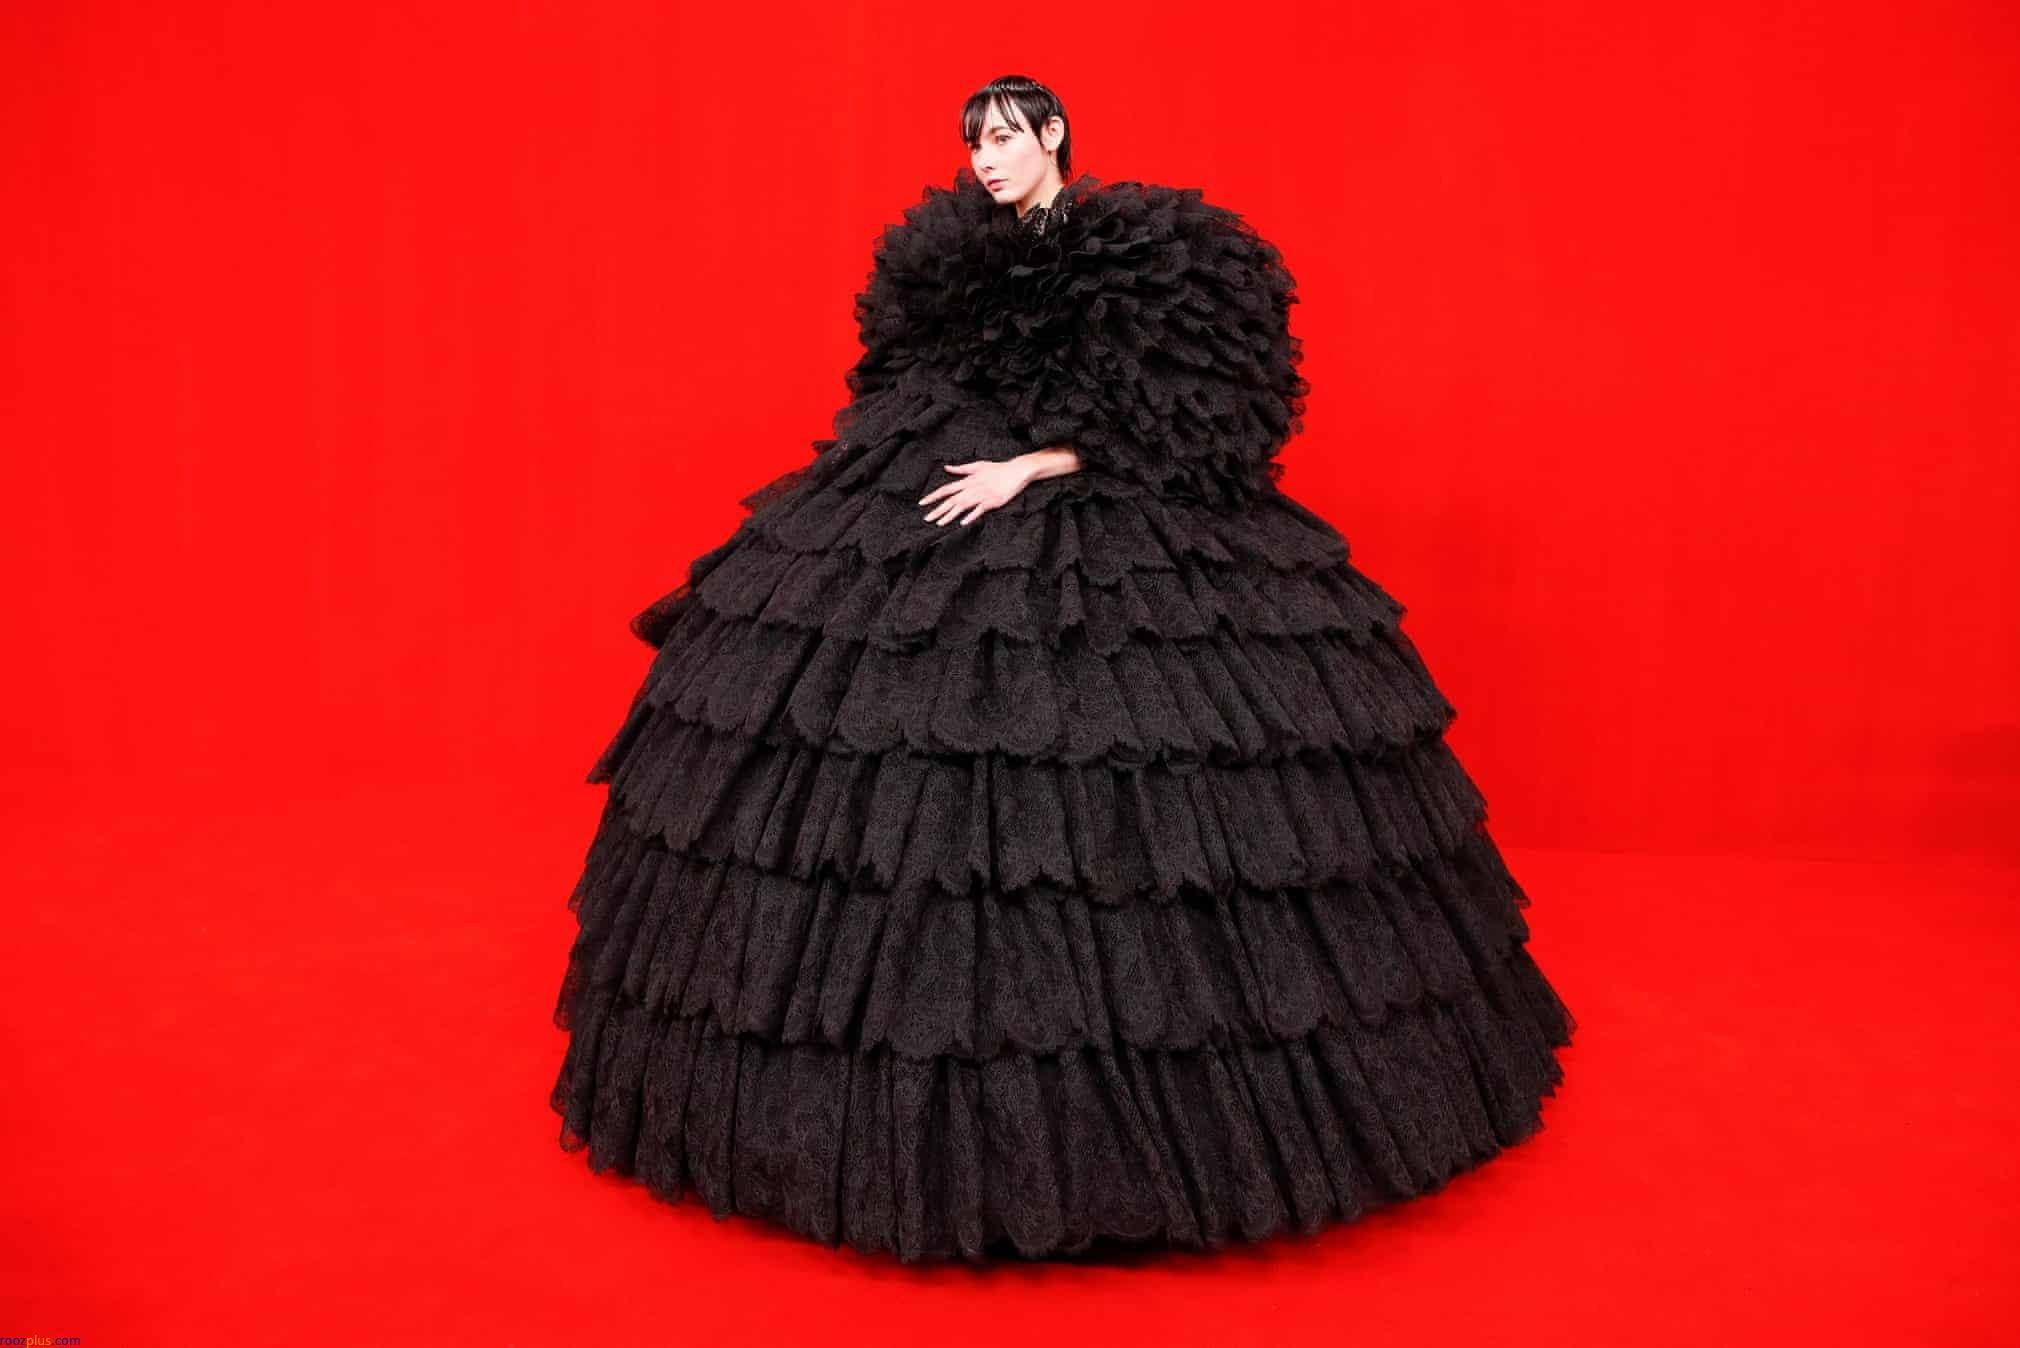 لباس عجیب یک شرکت کننده در هفته مد پاریس